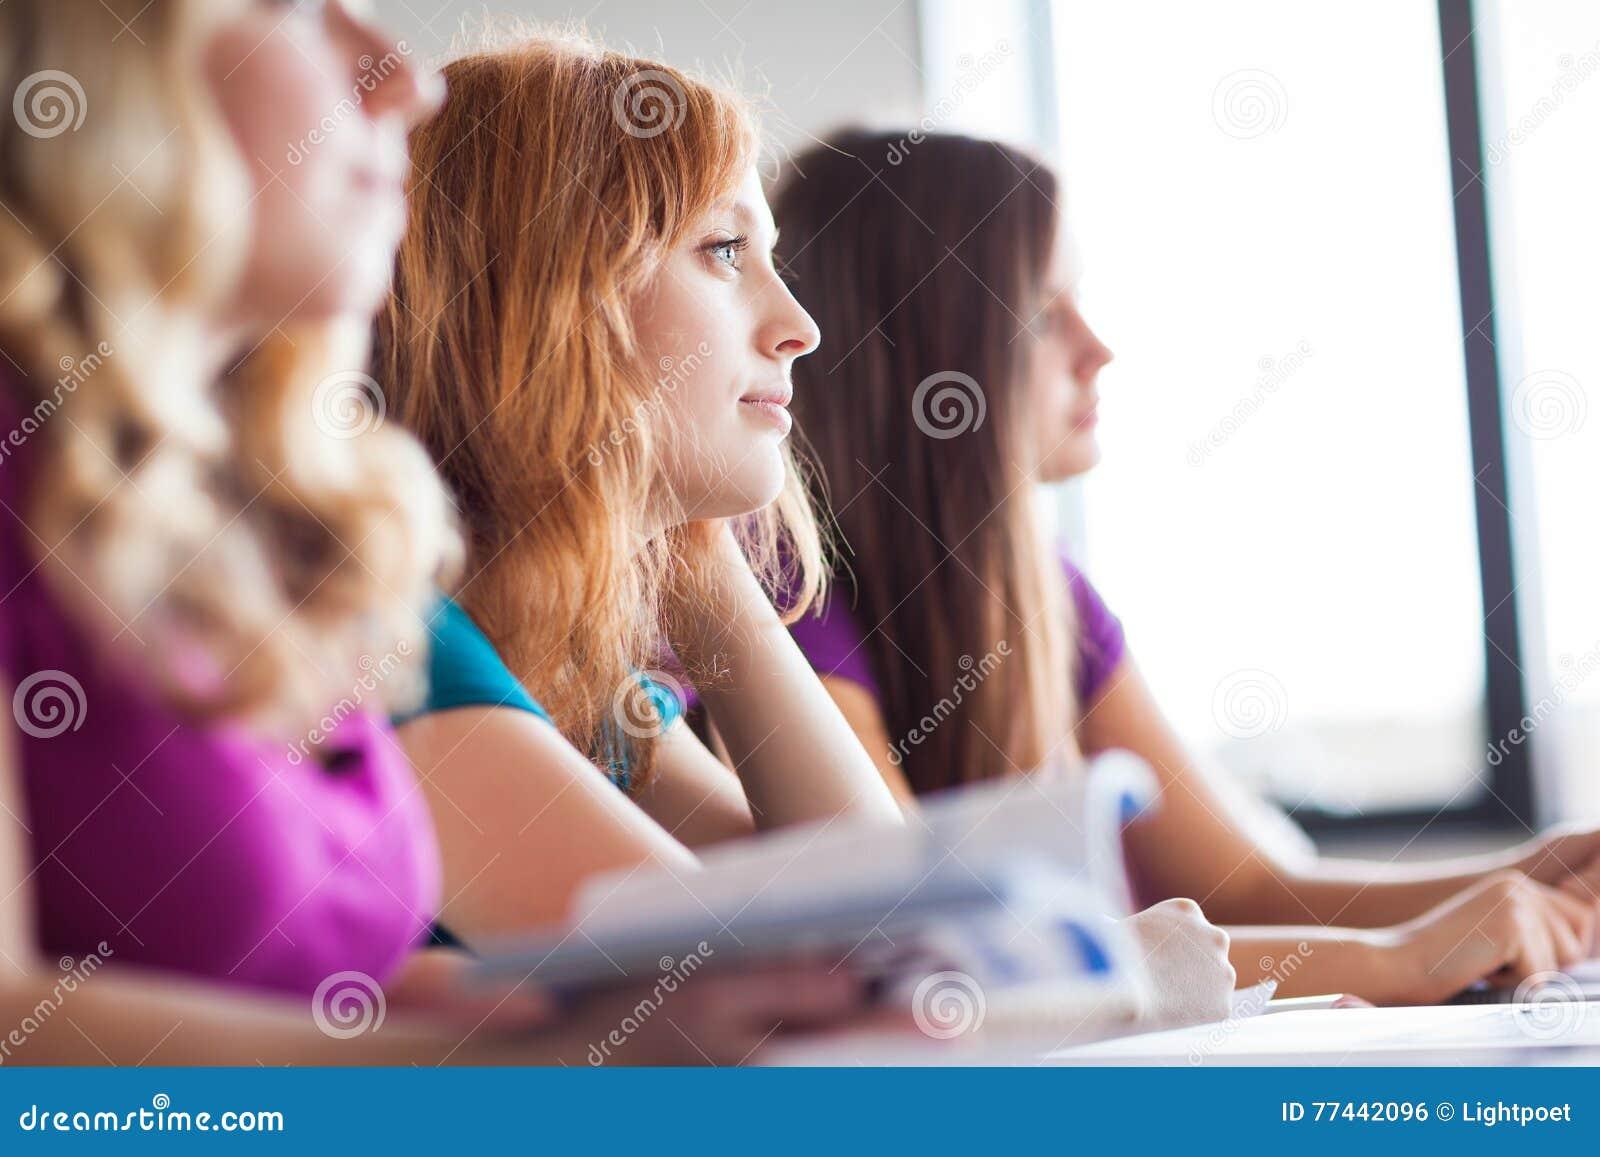 Σπουδαστές στην τάξη - νέος αρκετά θηλυκός φοιτητής πανεπιστημίου